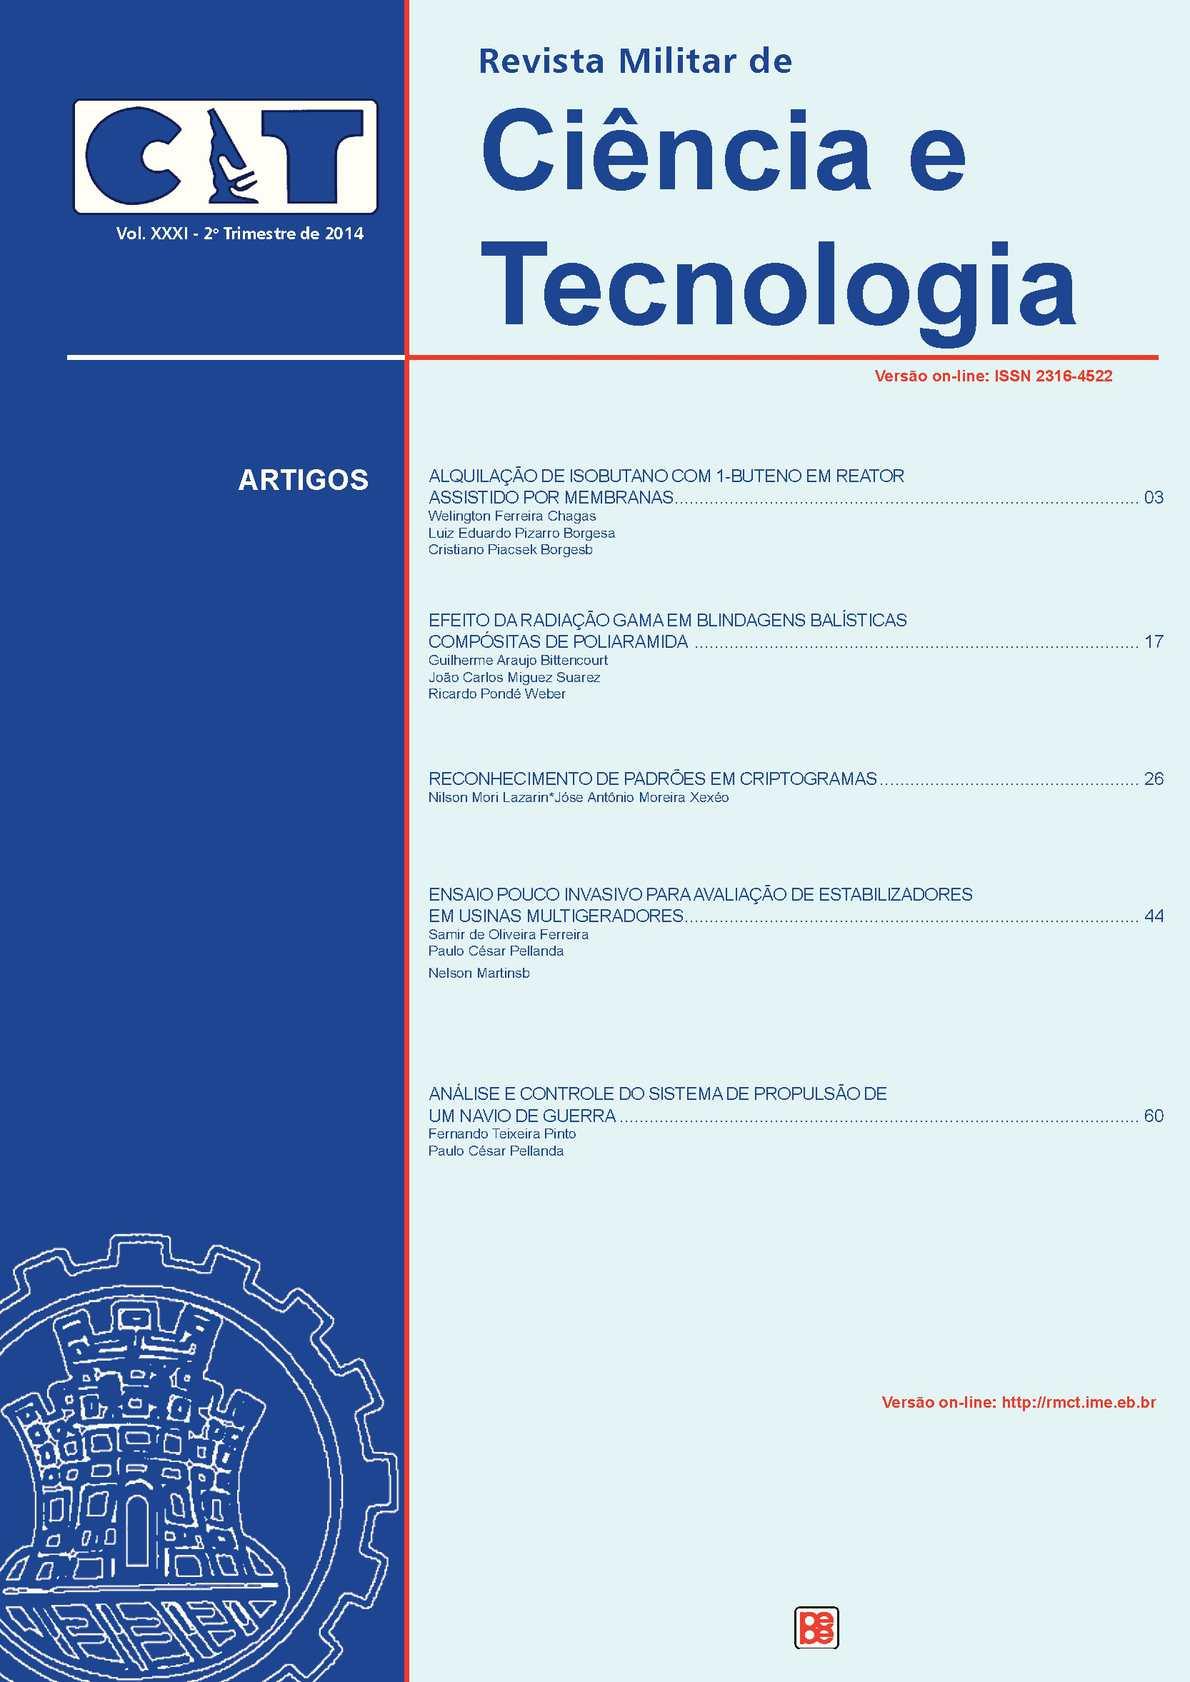 Revista Militar de Ciência e Tecnologia